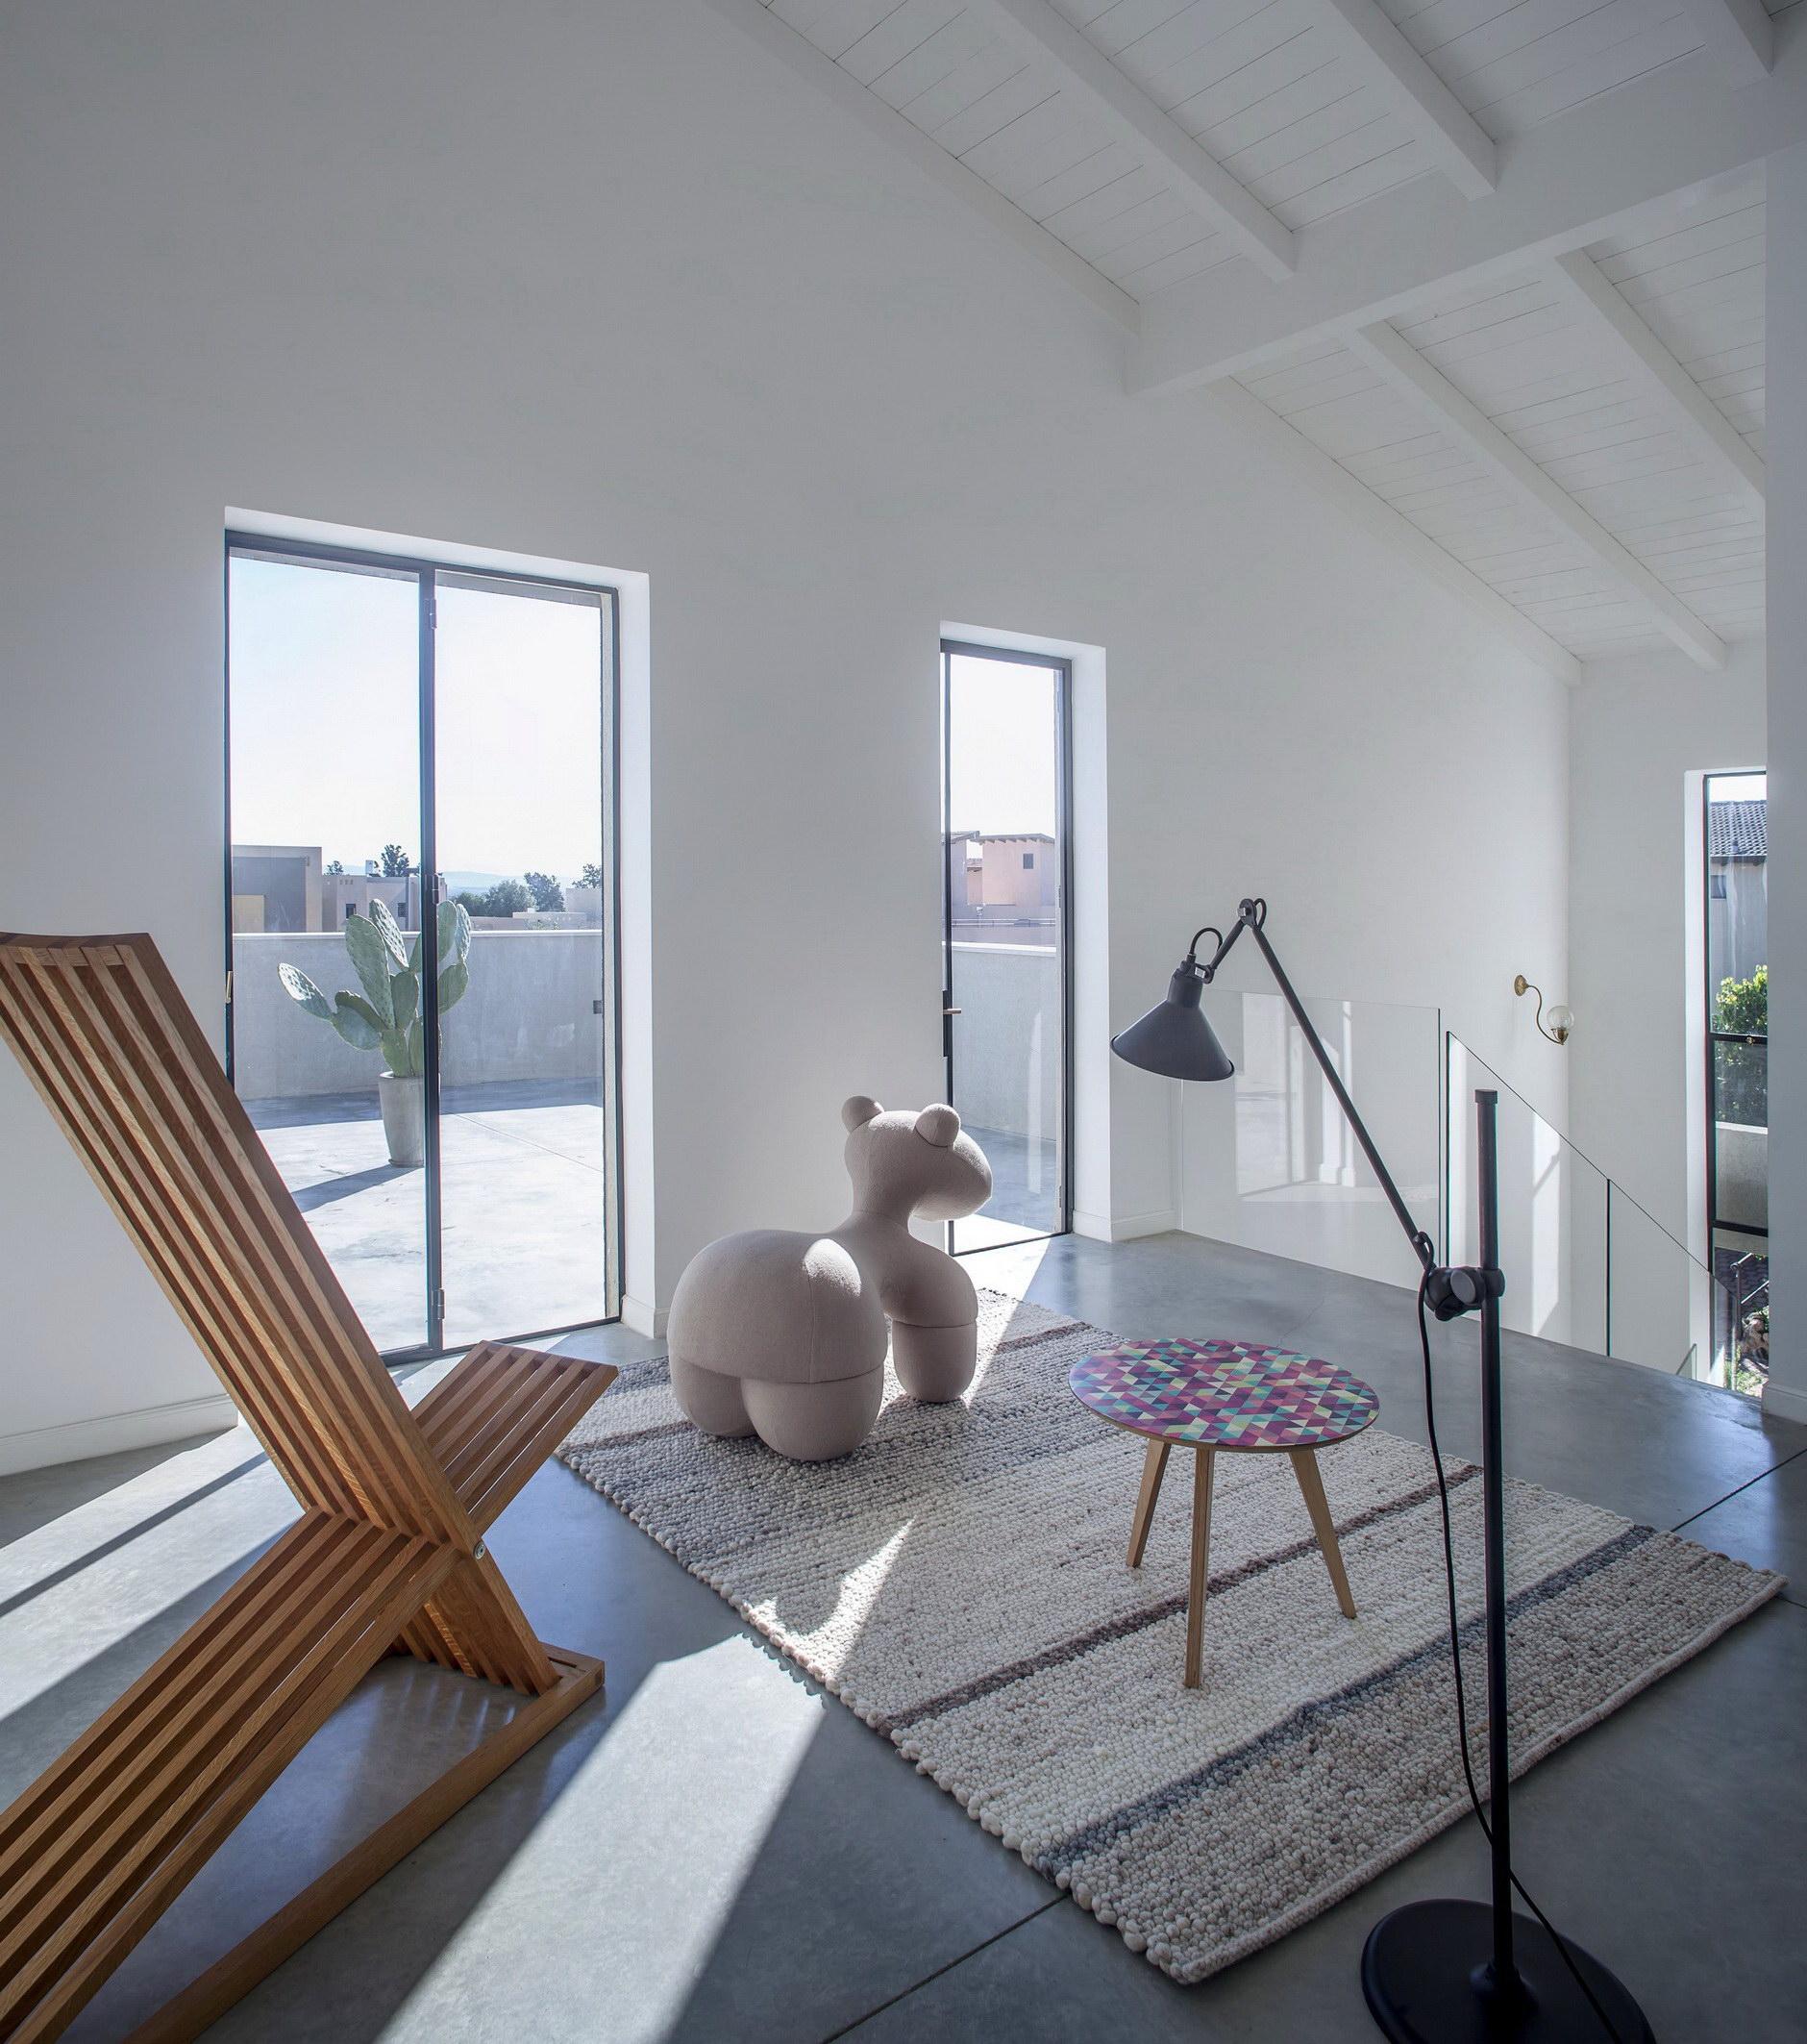 A Modern Kibbutz House by Henkin-Shavit Studio